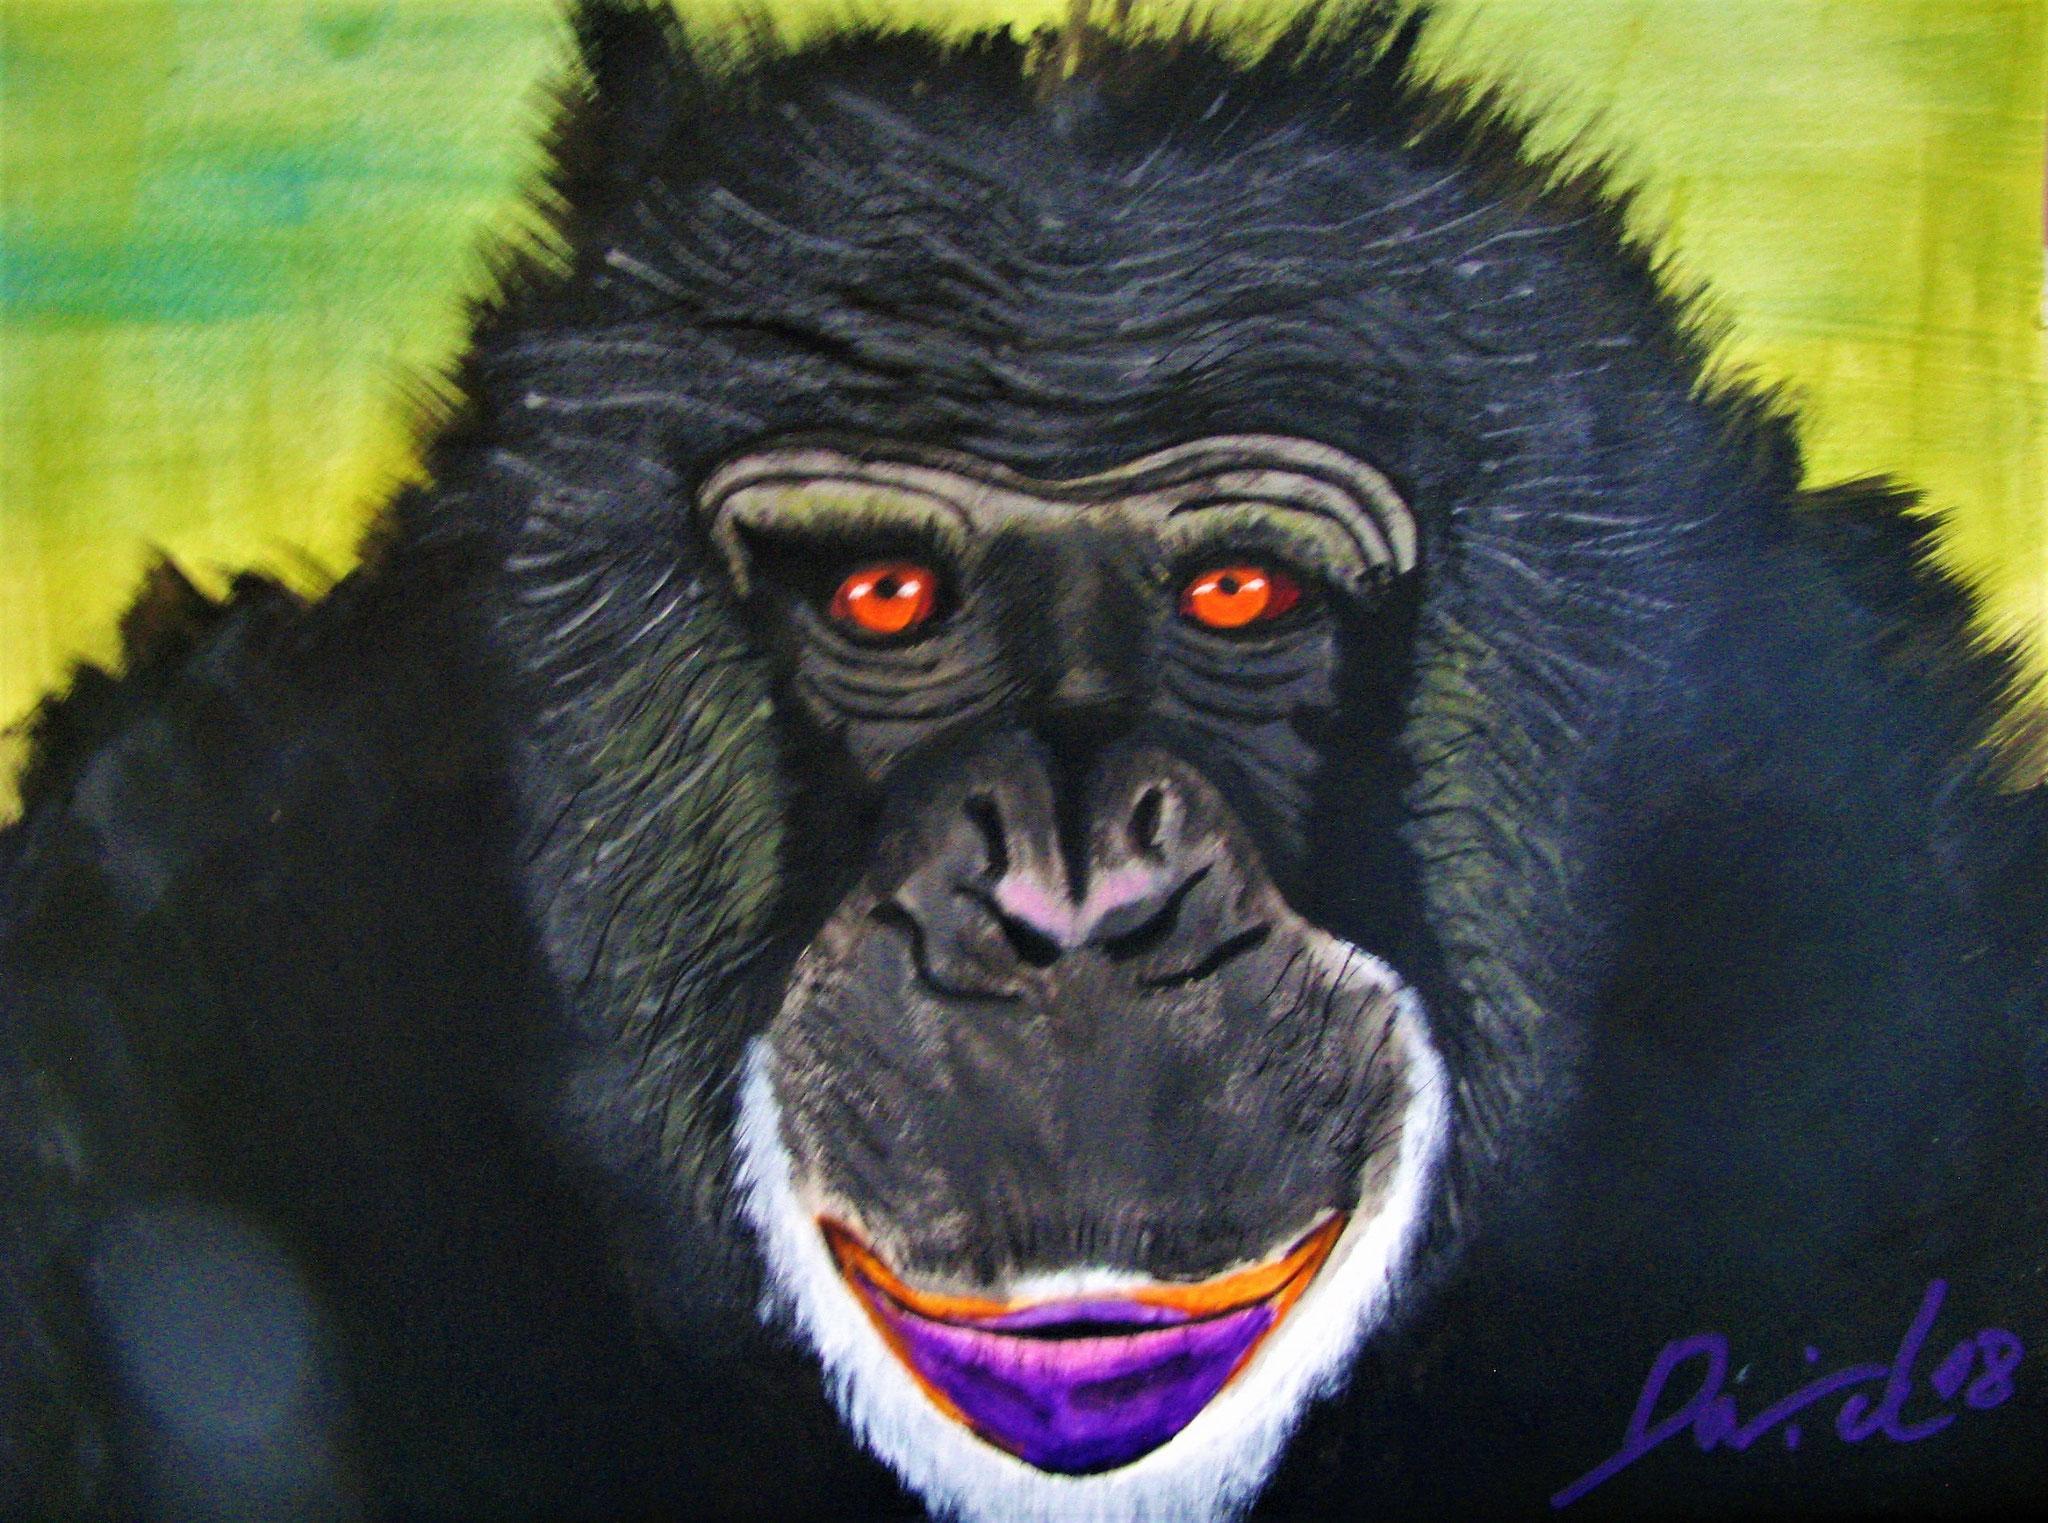 Affe, 30 cm x 40 cm, Acrylfarbe auf Papier